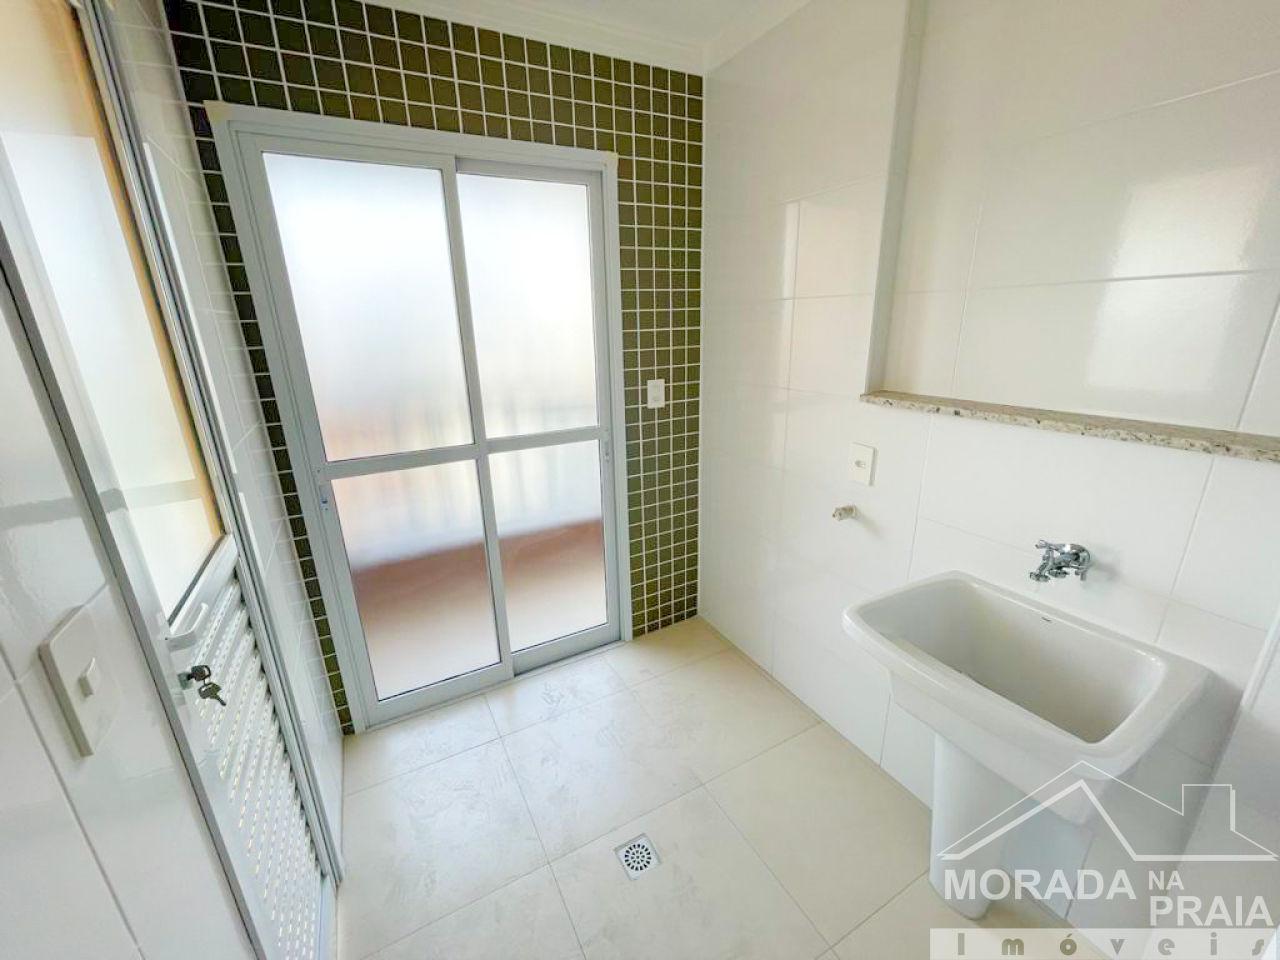 Suúte 02 do apartamento com 3 dormitórios em CANTO DO FORTE - PRAIA GRANDE